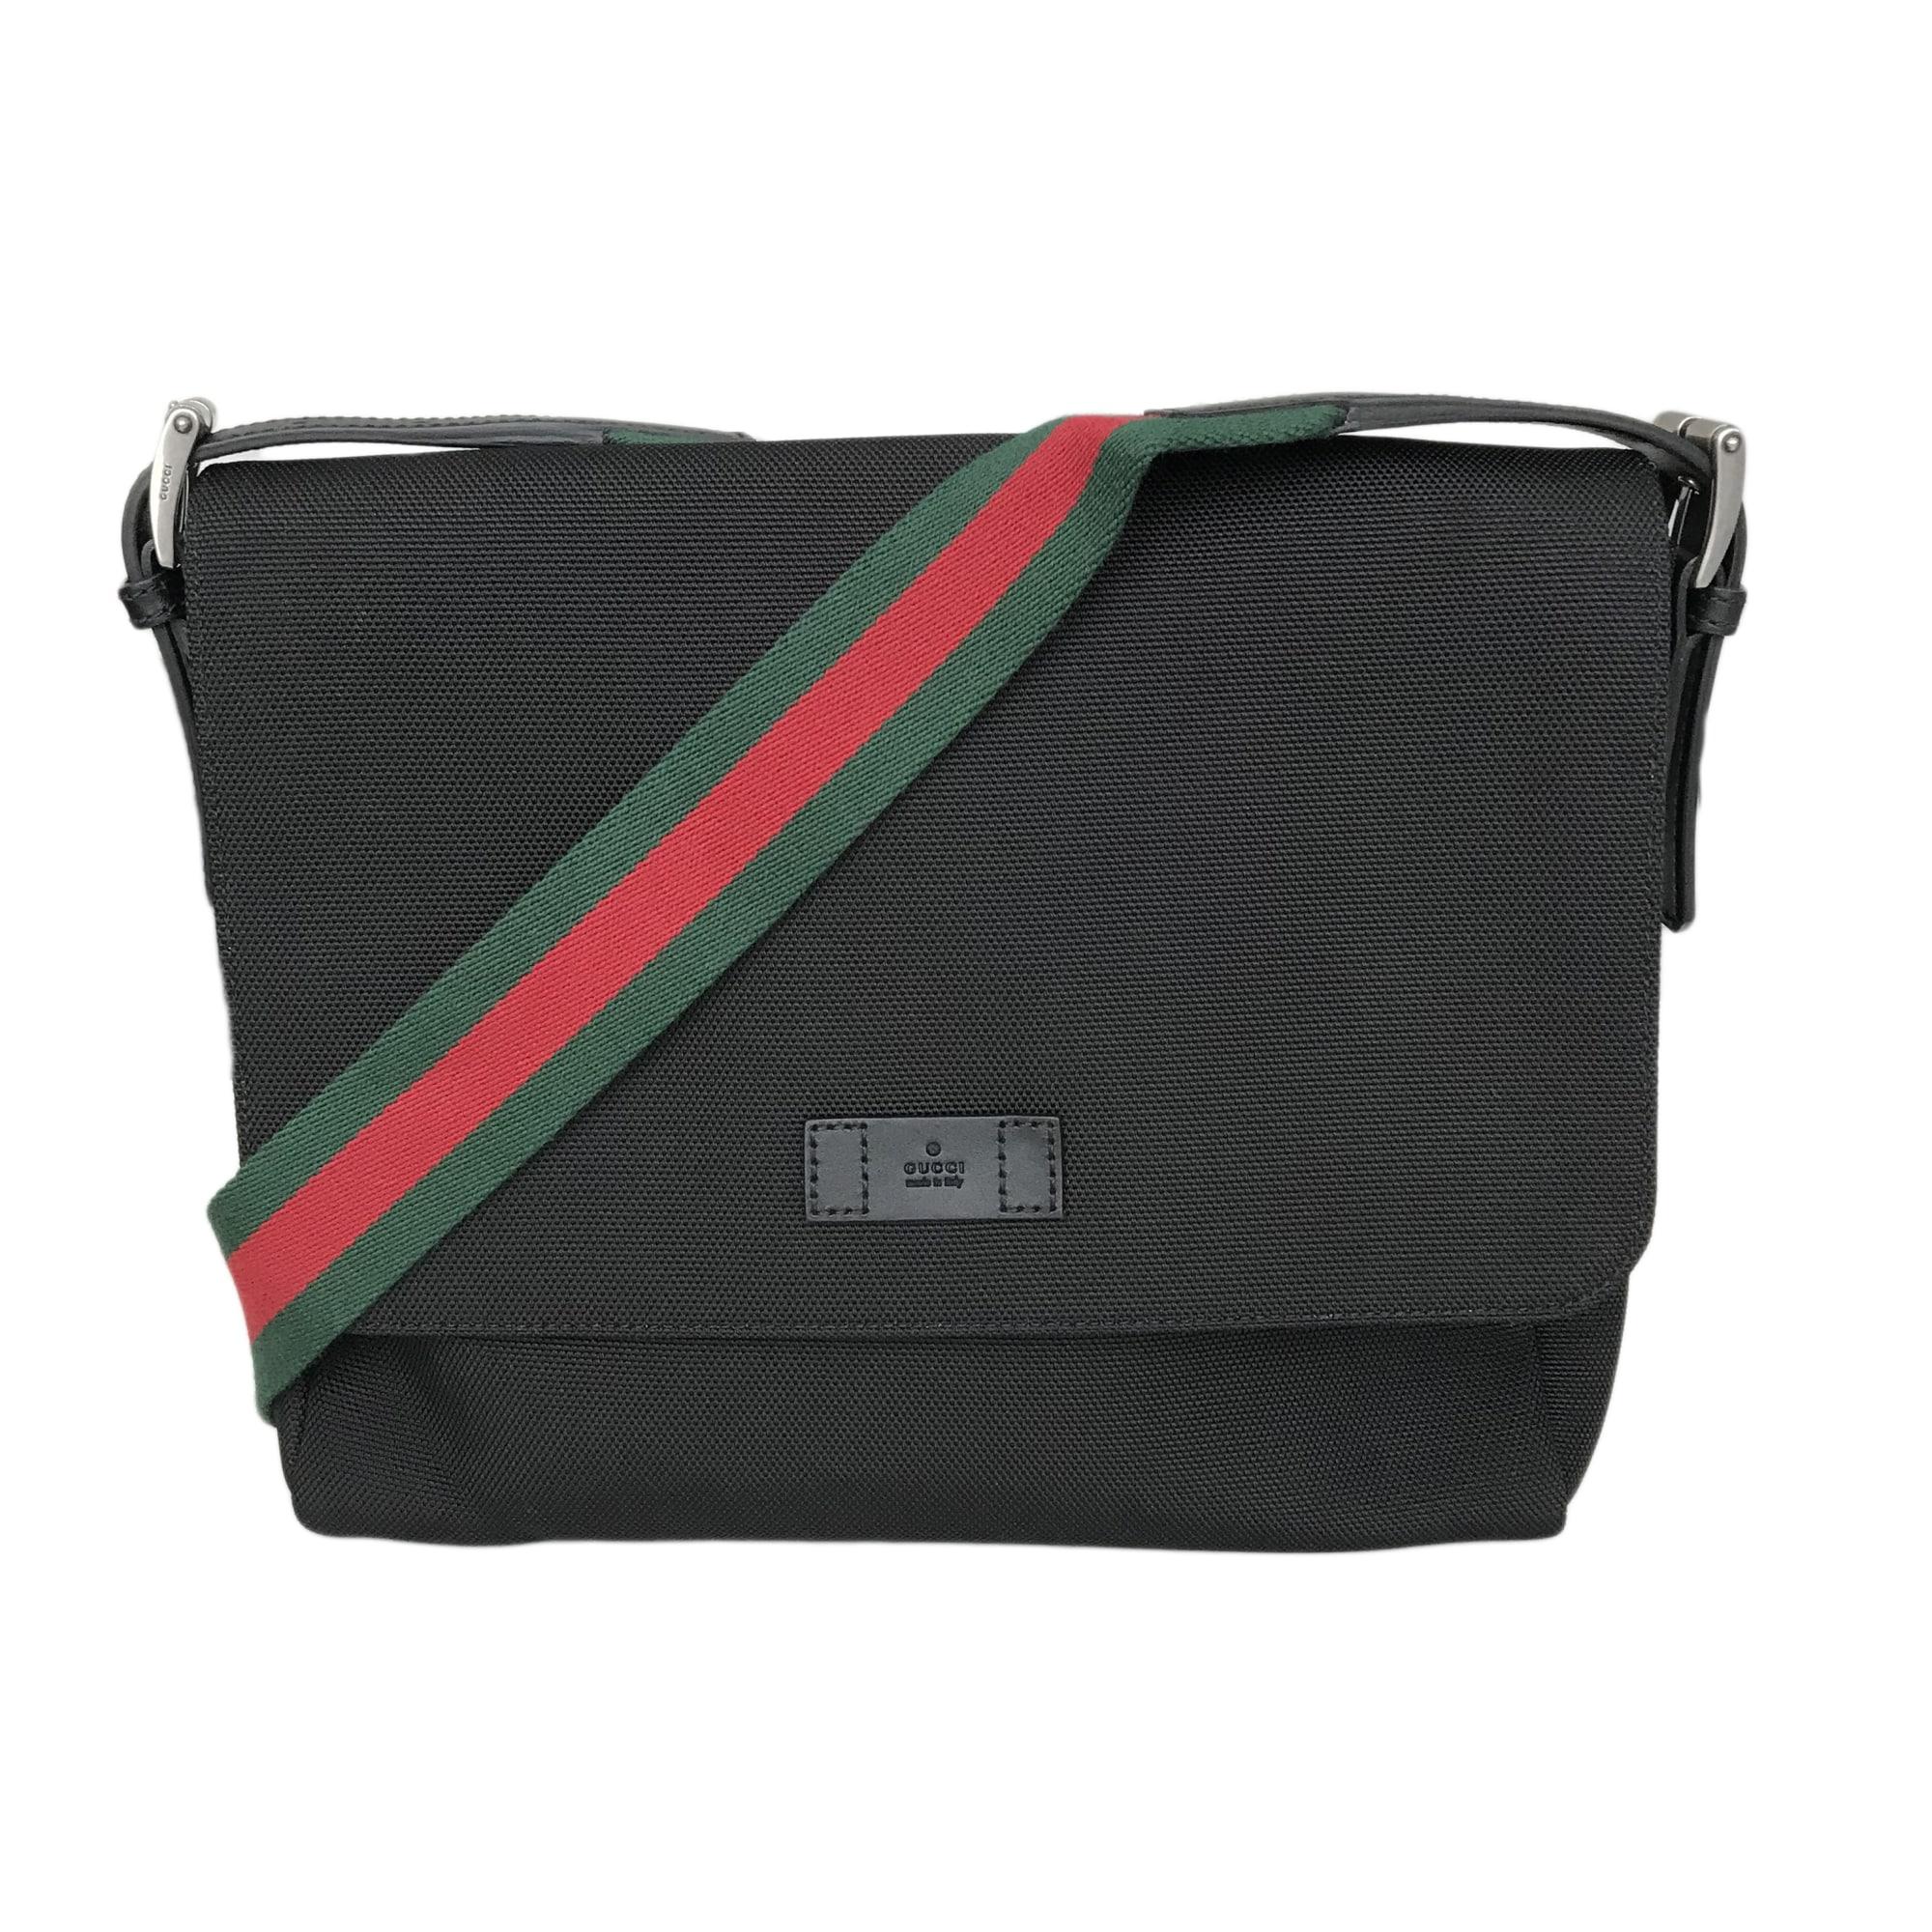 929f4648c5 Sacoche GUCCI noir vendu par Inparis - 7492812